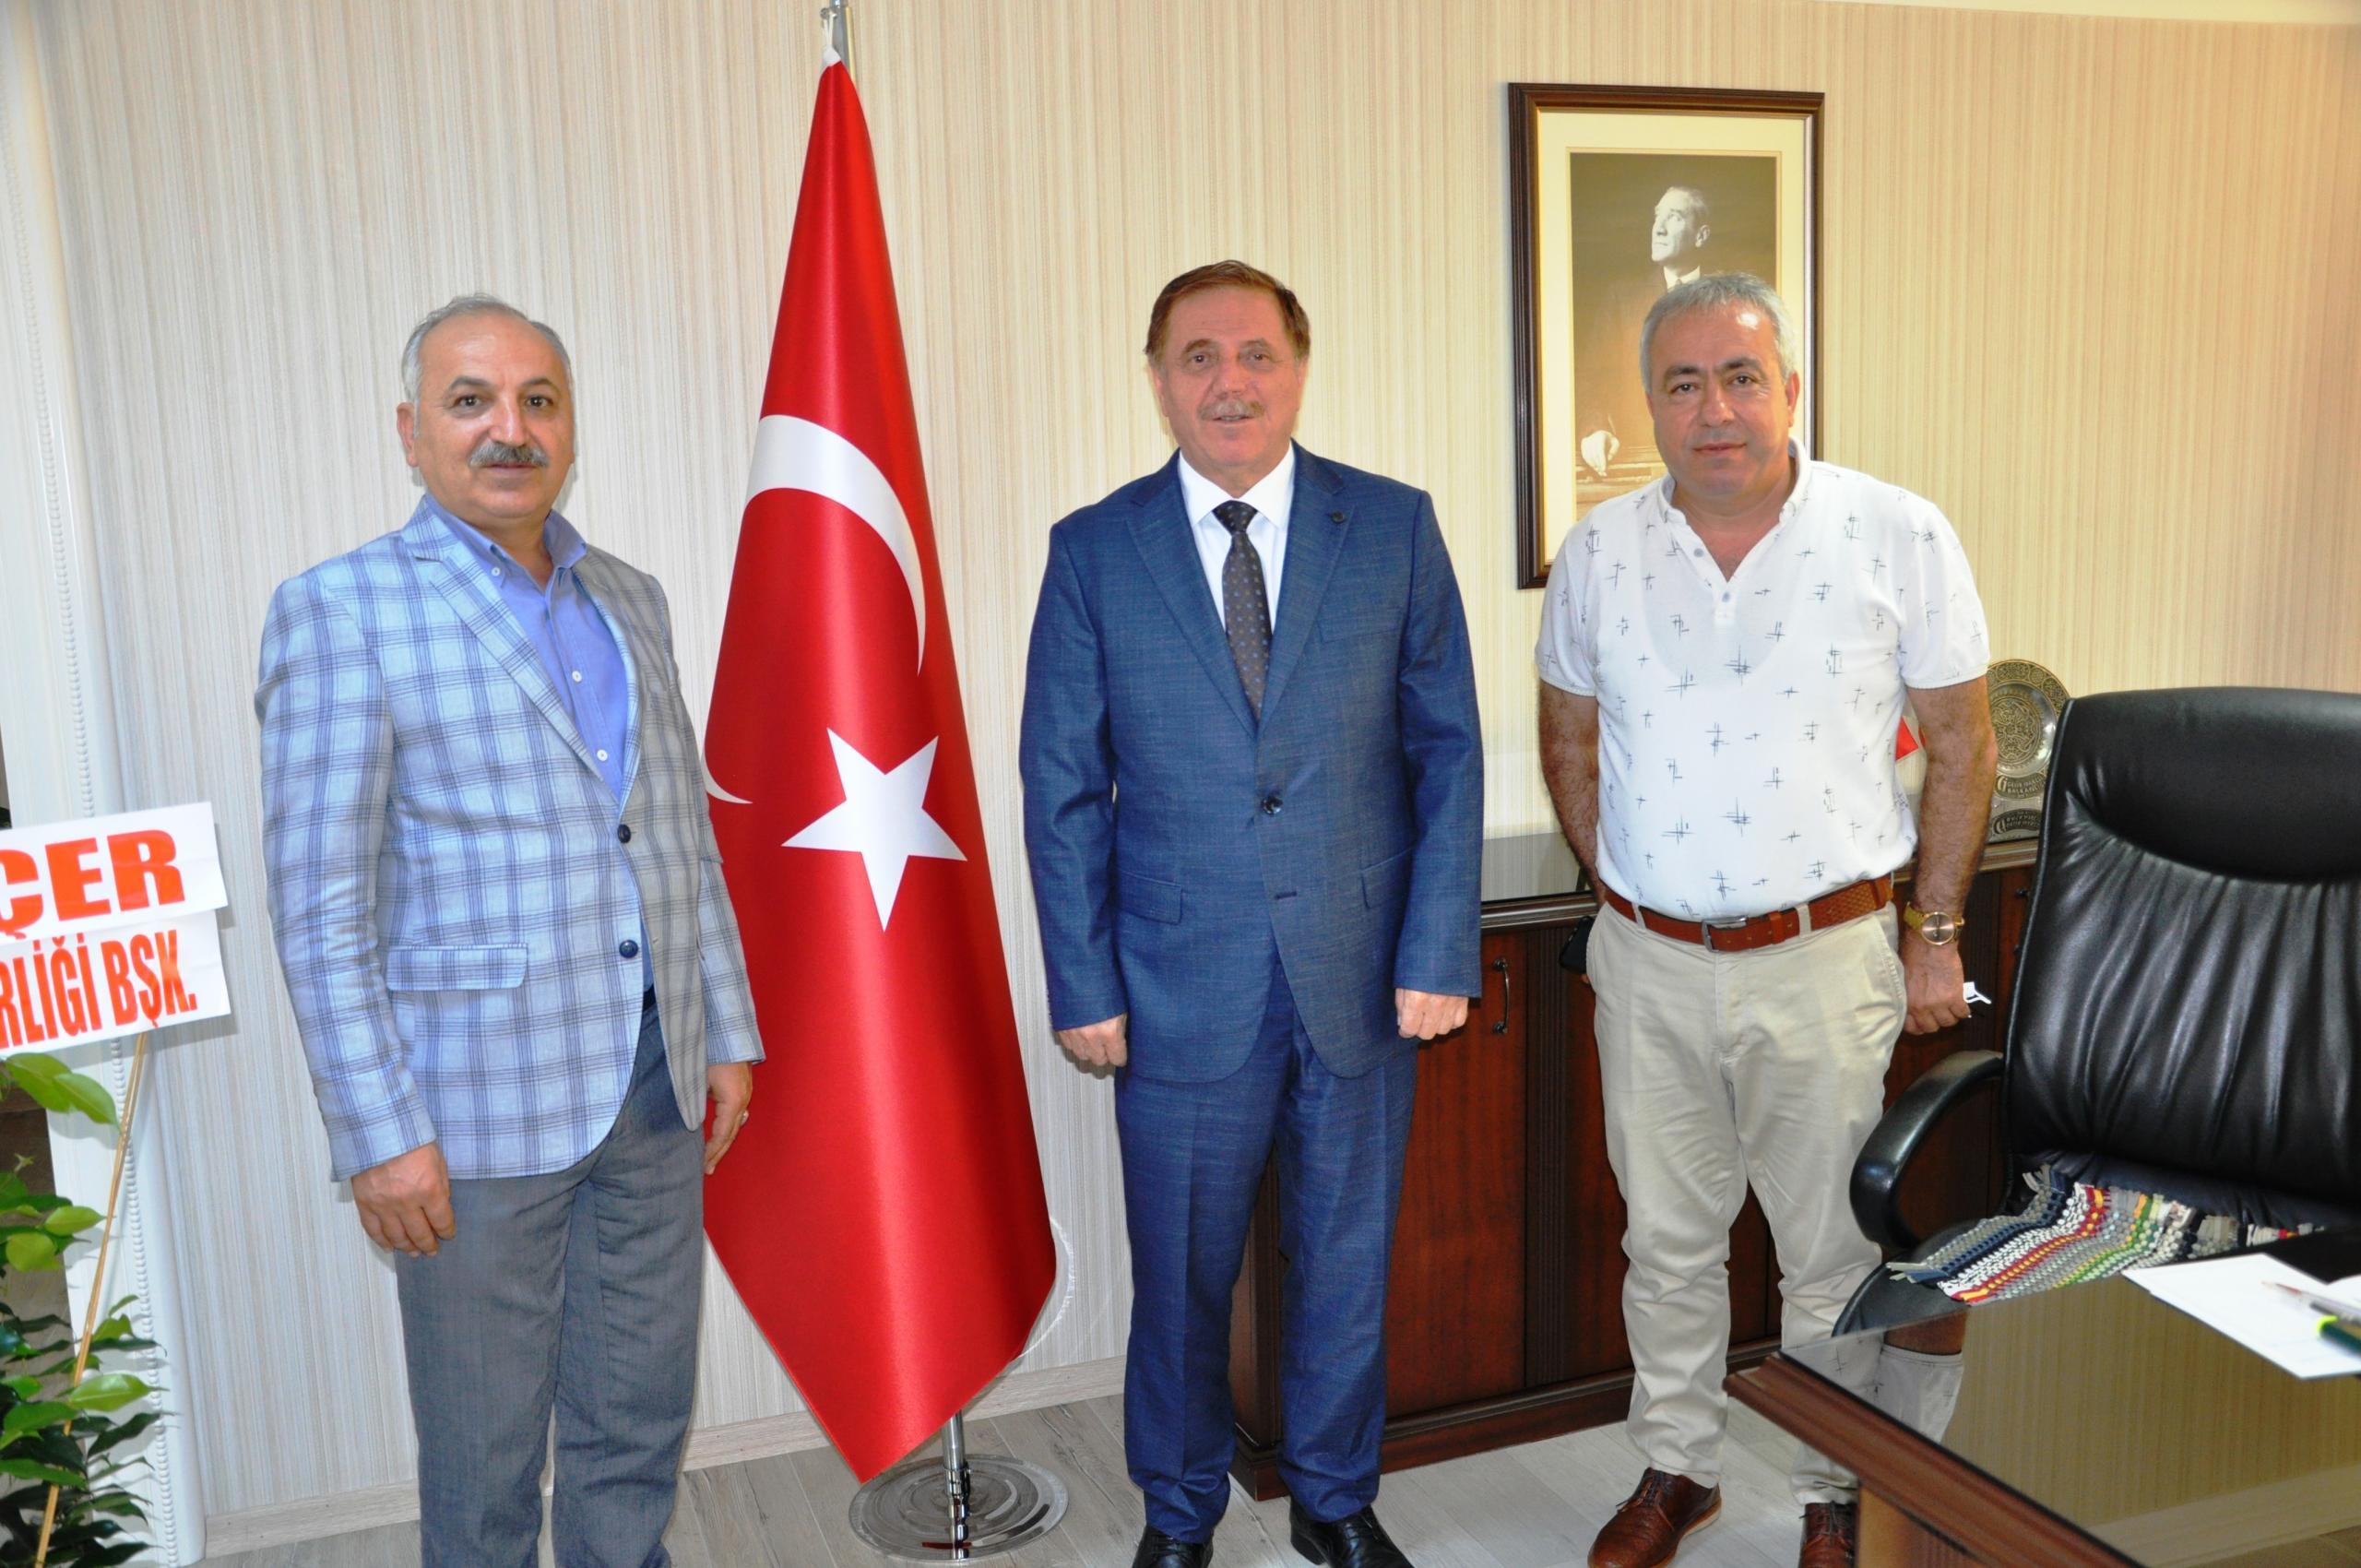 Başkan Dinçer'den Vergi Dairesi Başkanı Baysal'a hoşgeldiniz ziyareti